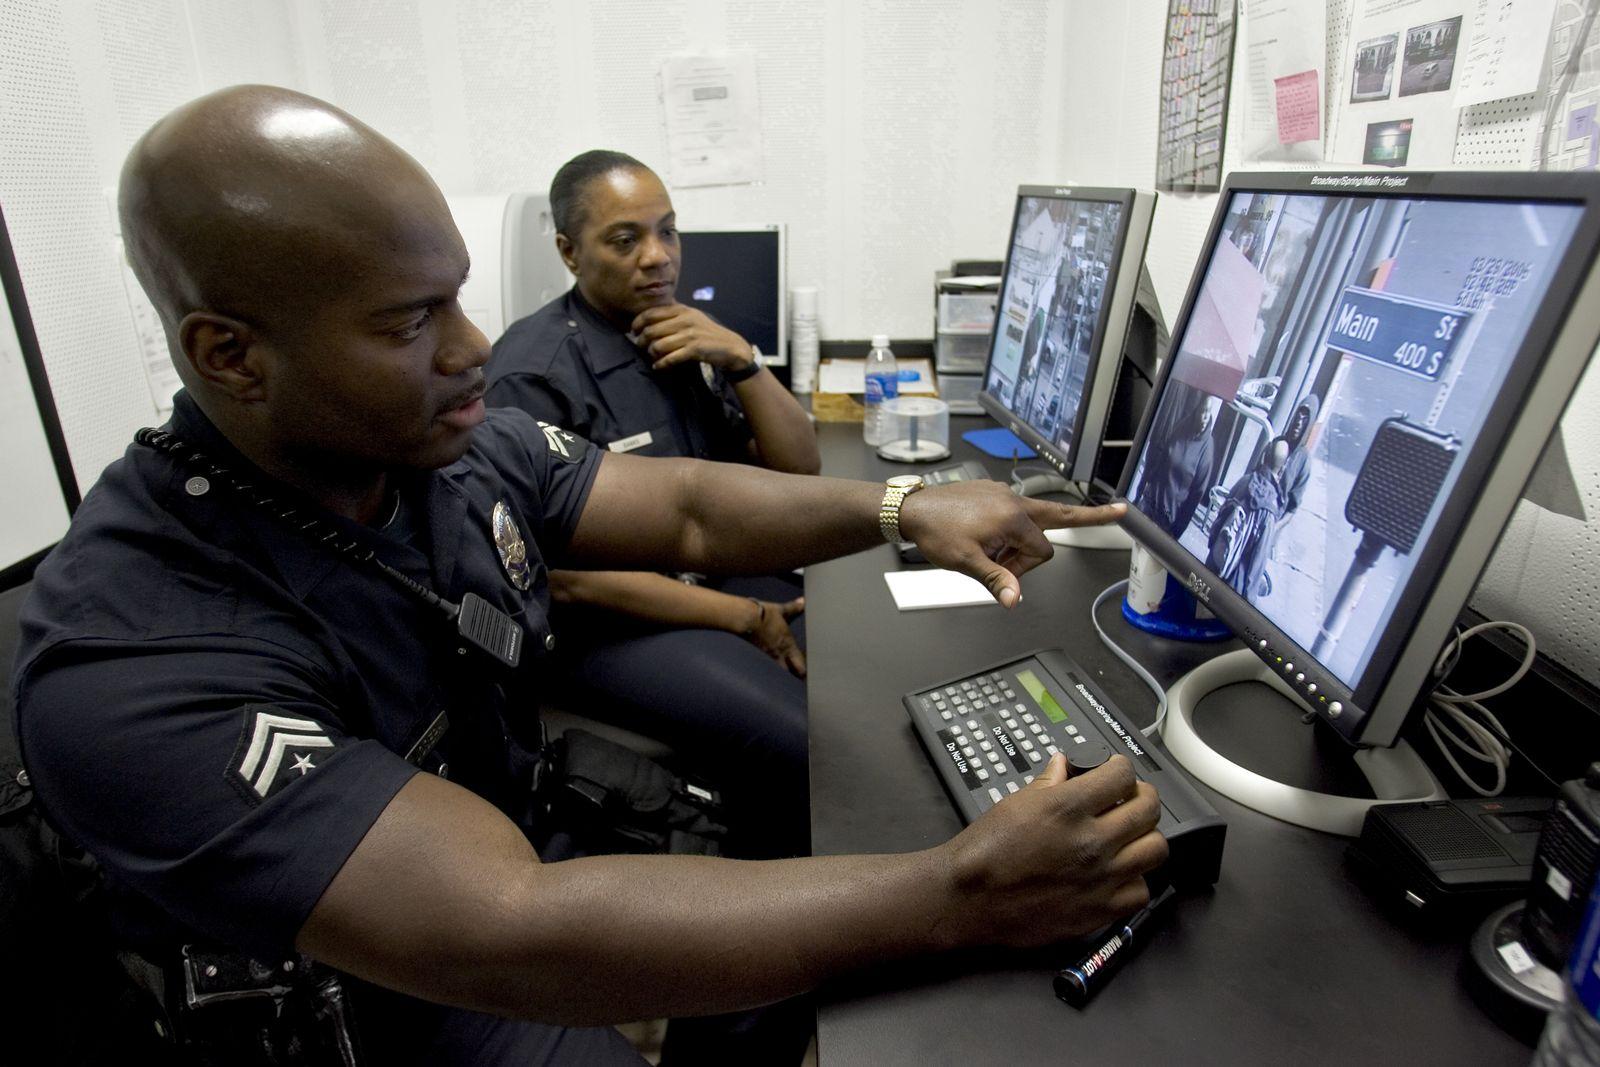 Los Angeles Police Überwachung